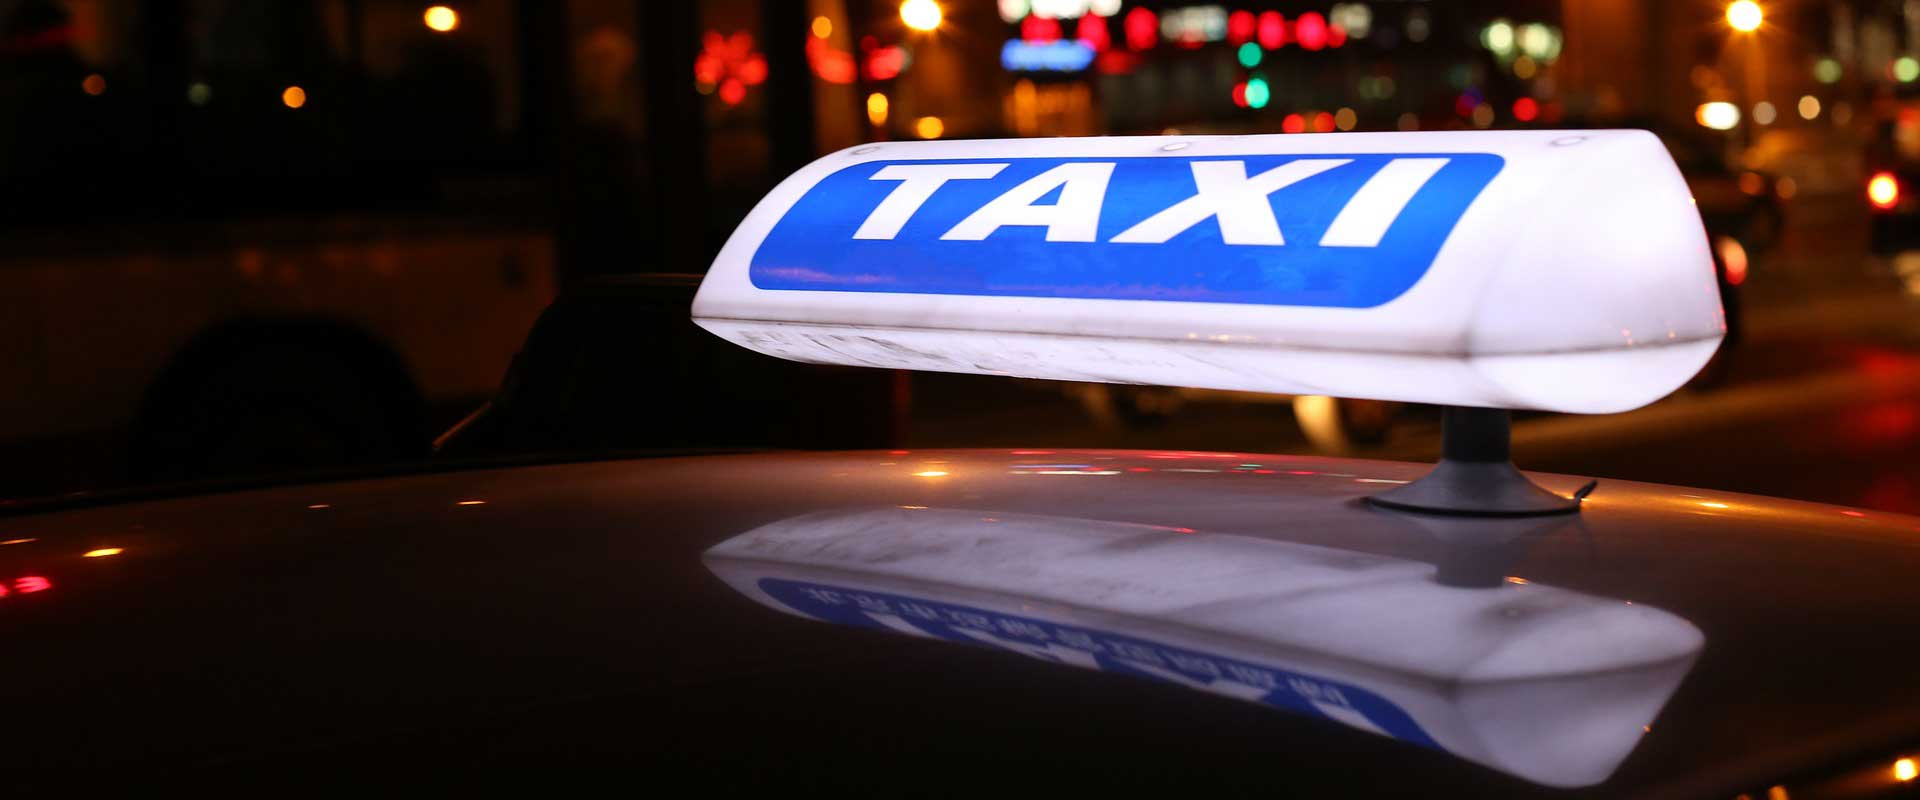 India Cab Services